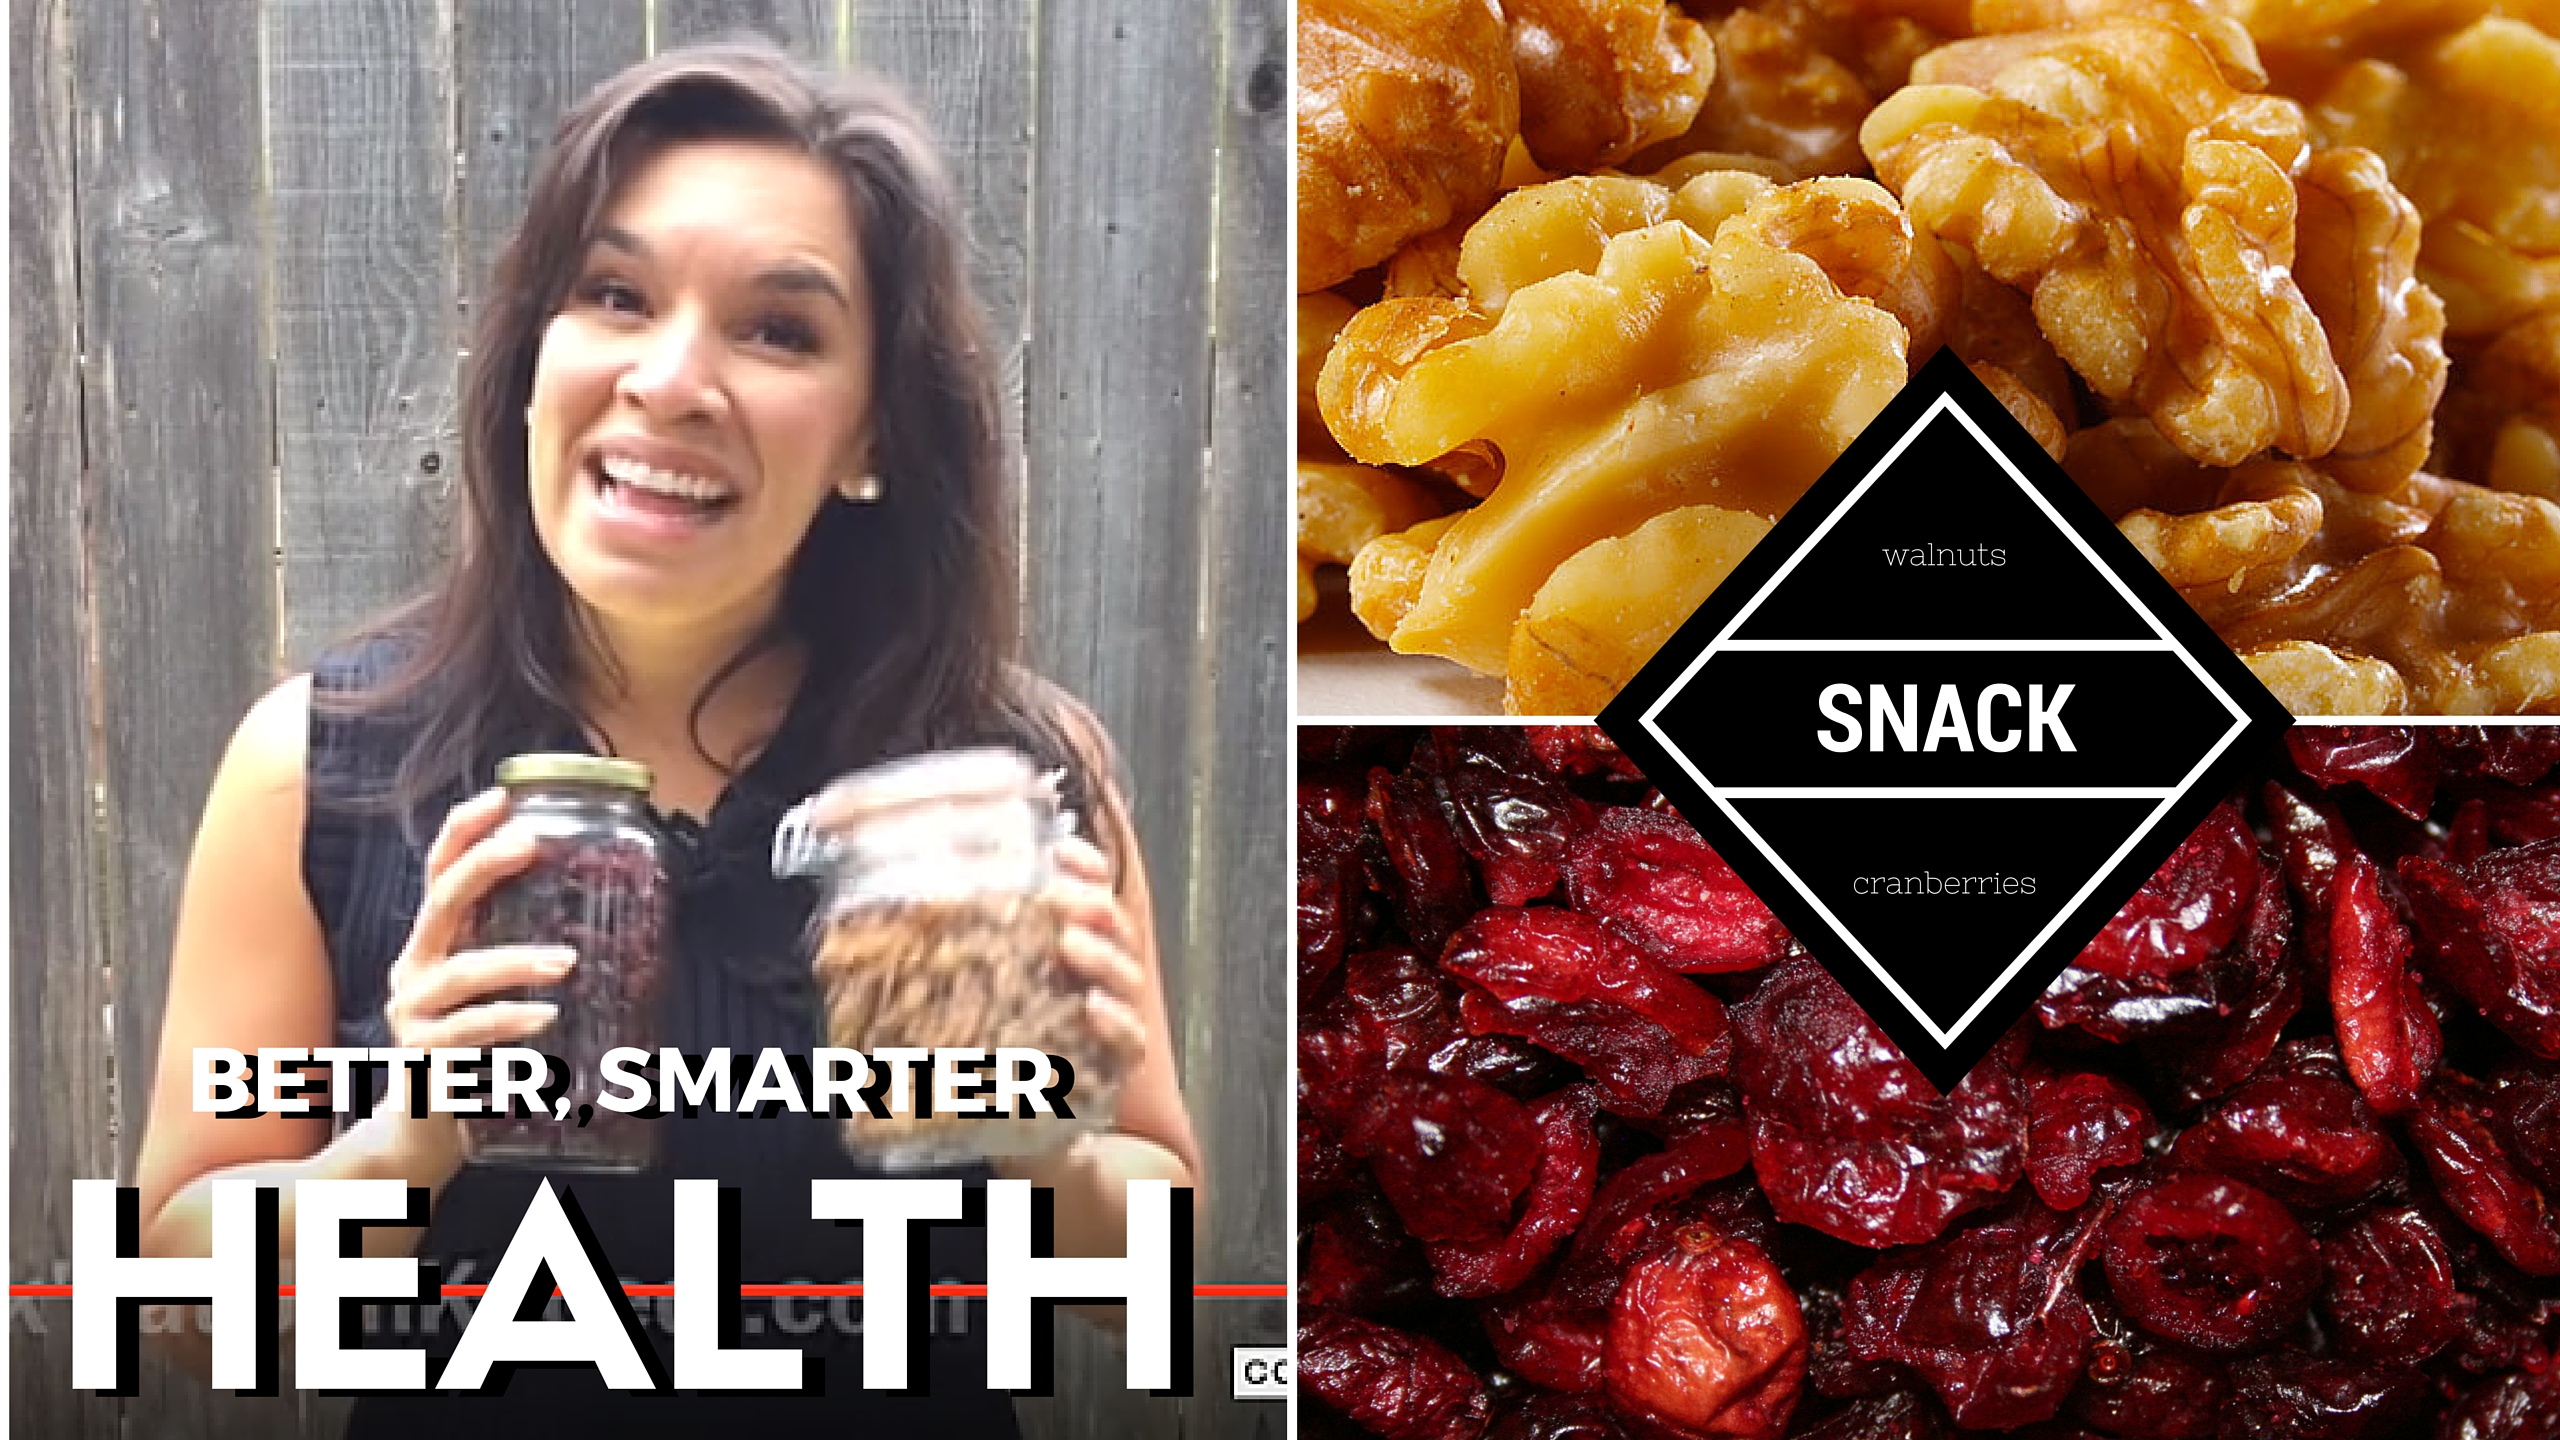 BETTER, SMARTER HEALTH